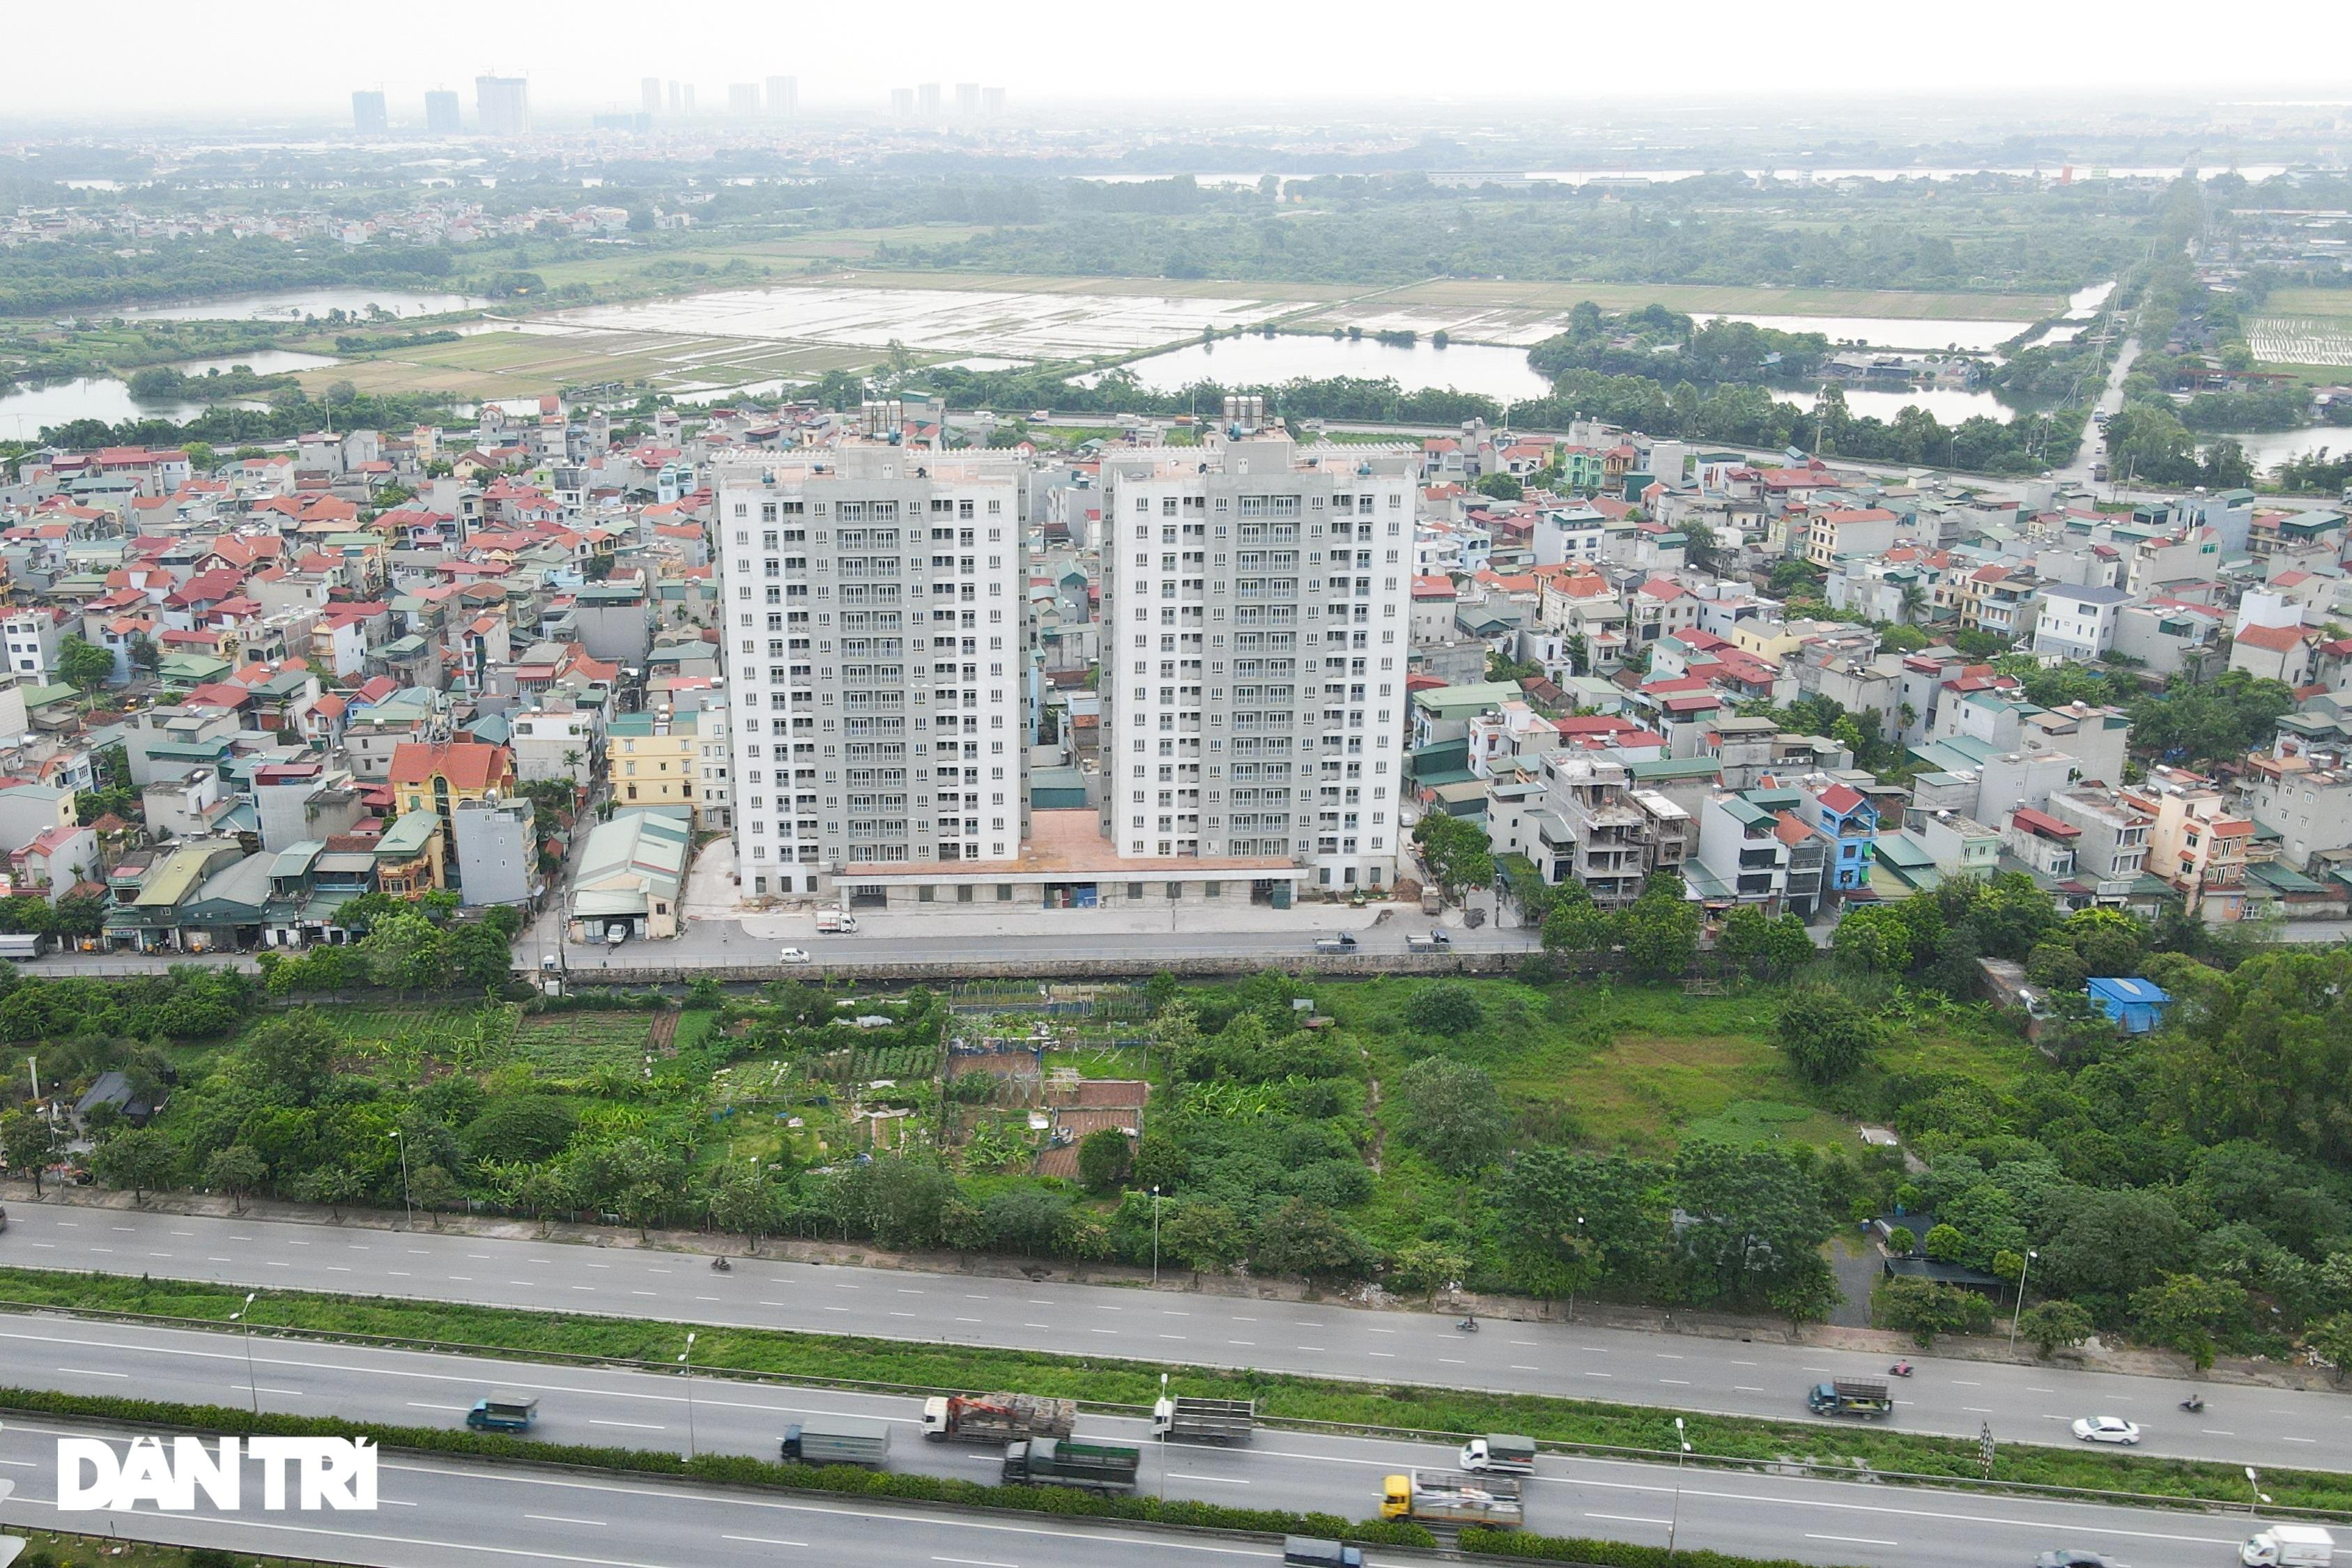 Xót xa hàng loạt khu chung cư cao tầng ở Hà Nội bị bỏ hoang nhiều năm - 5